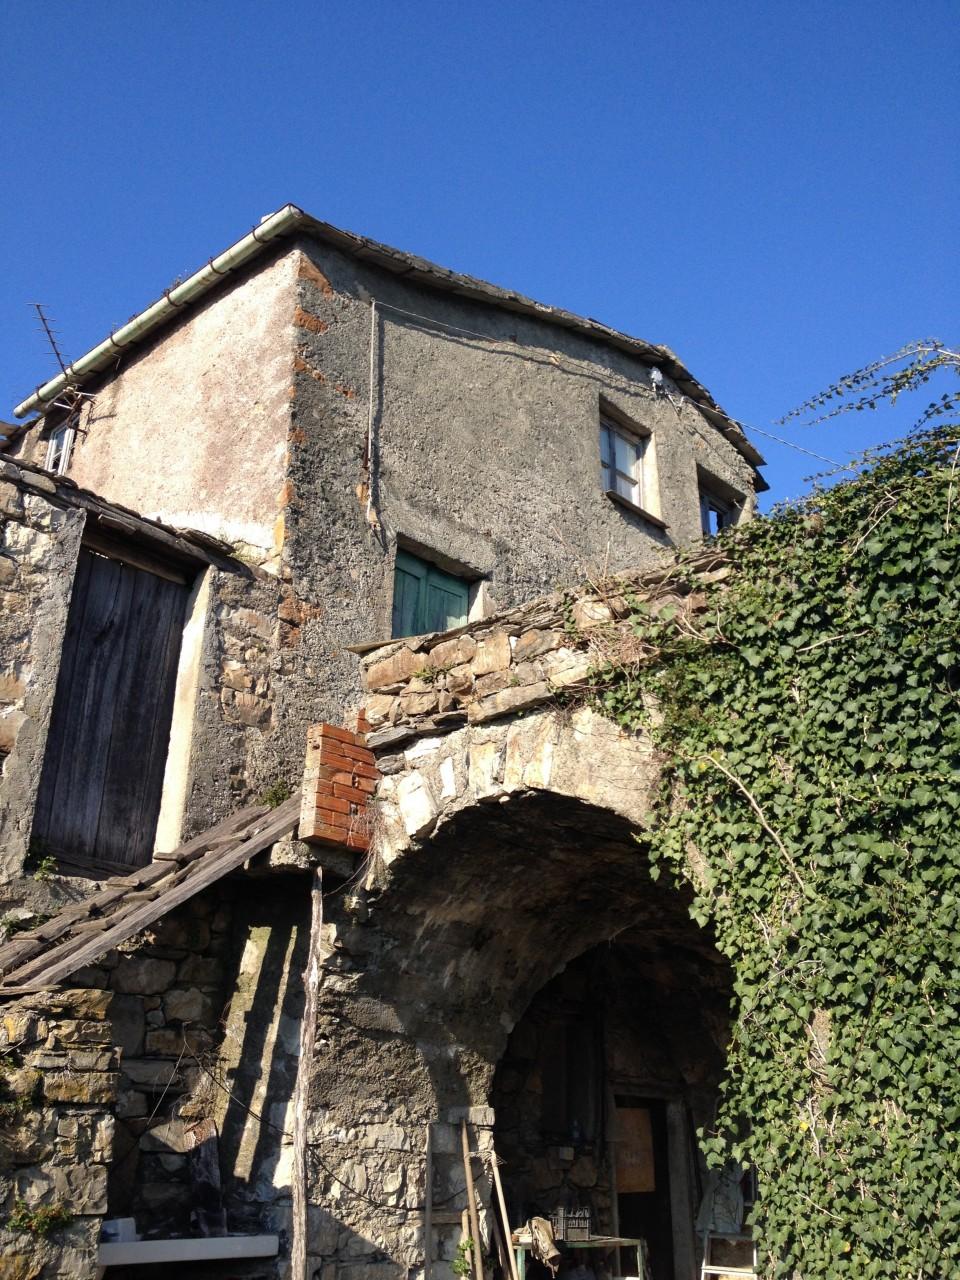 Rustico / Casale in vendita a Ne, 7 locali, prezzo € 100.000   PortaleAgenzieImmobiliari.it